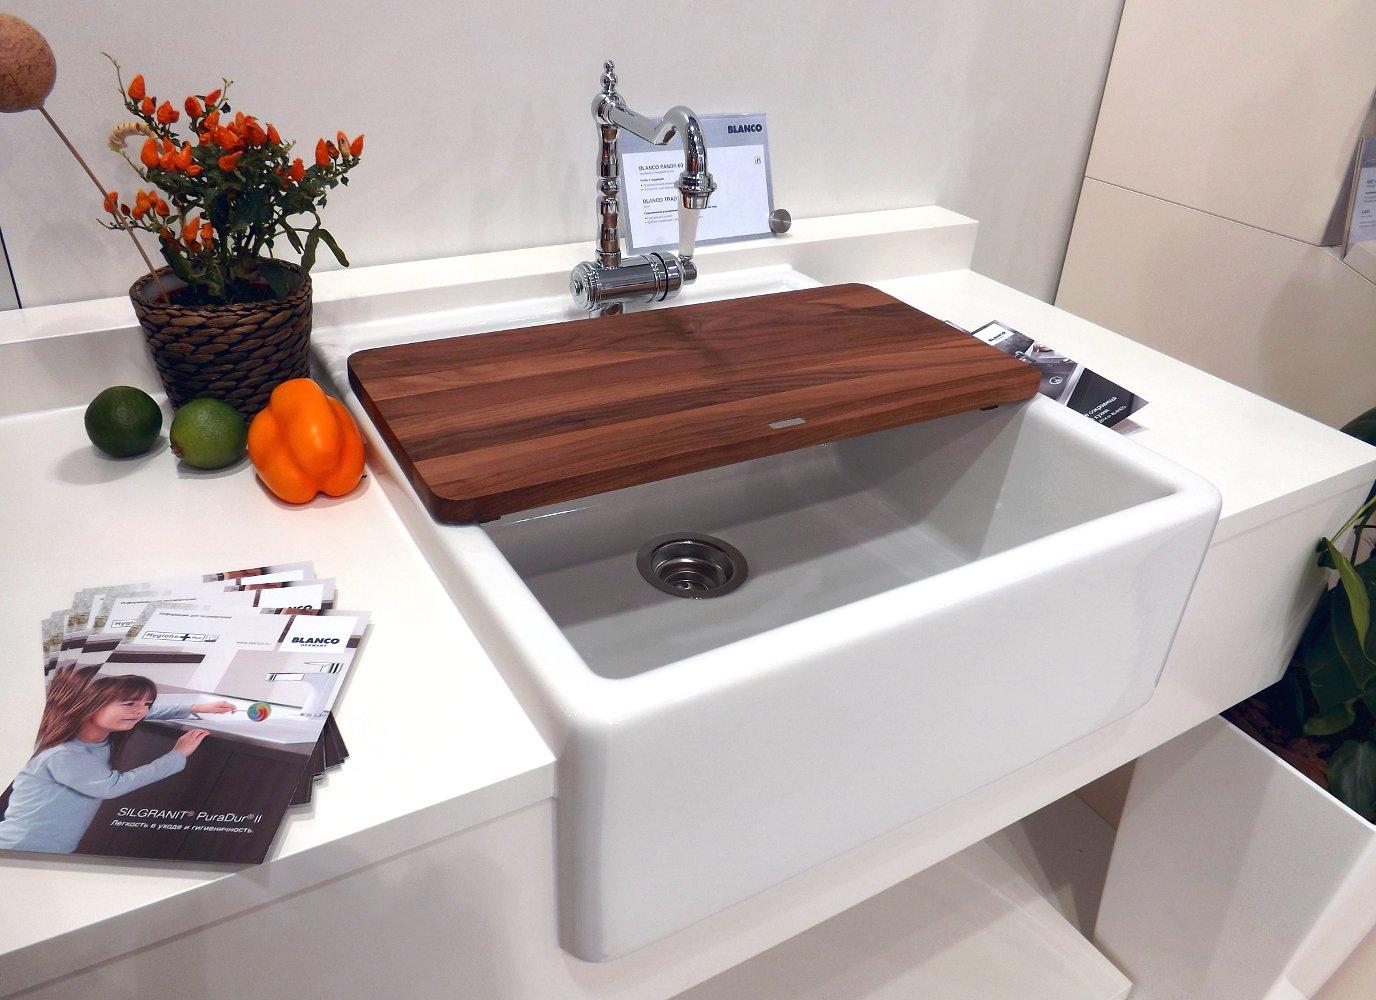 Керамическая кухонная мойка Blanco PANOR 60 на выставке МЕБЕЛЬ - 2013